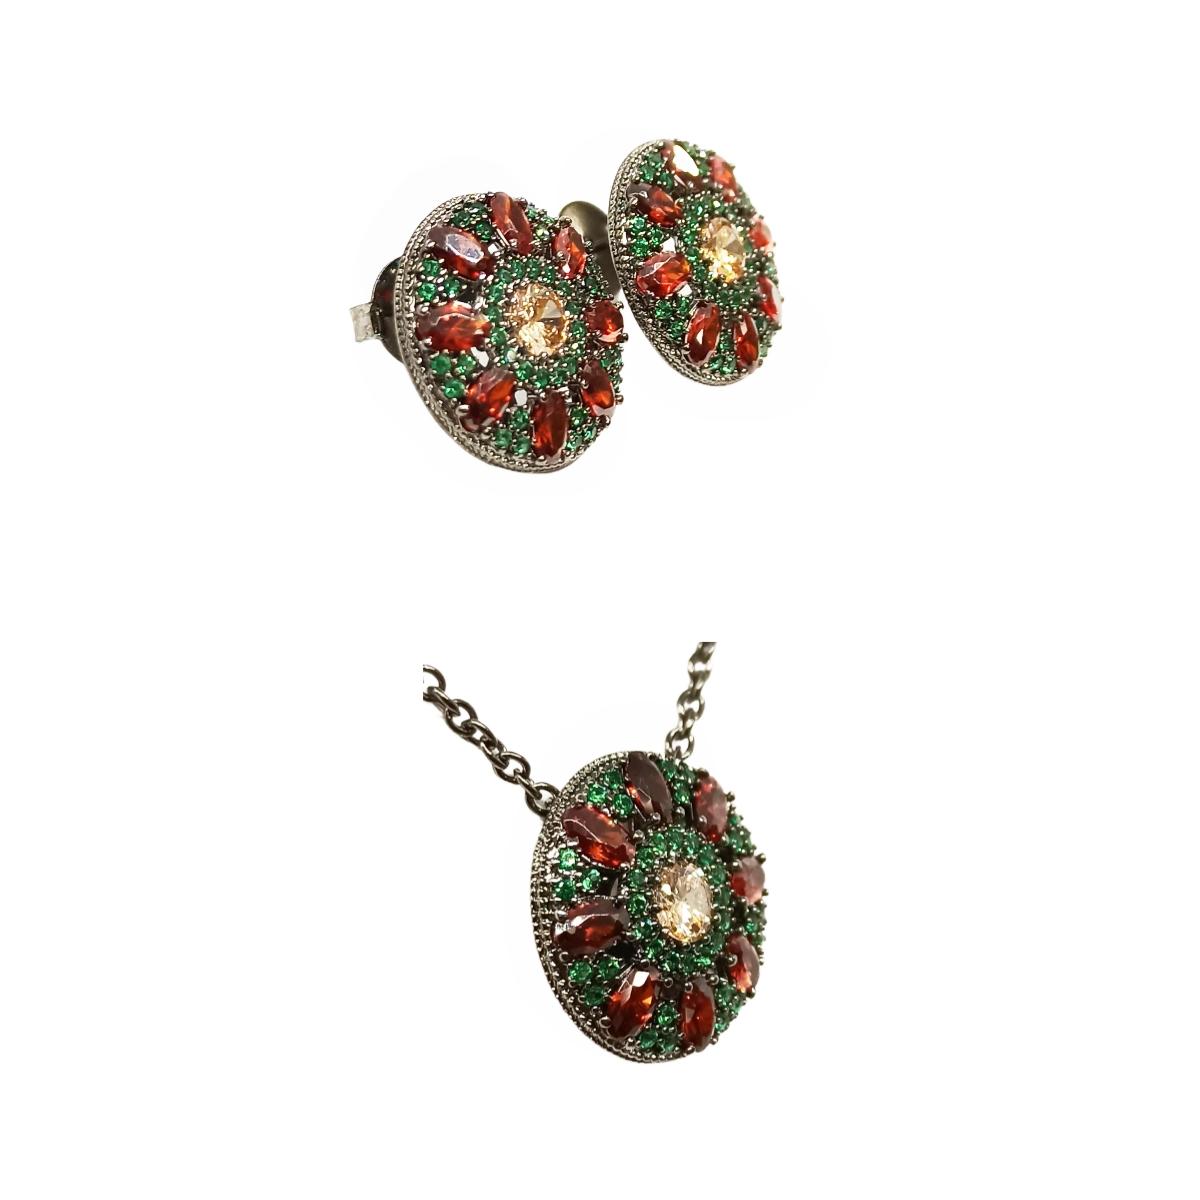 Conjunto Mandala Champanhe/verde/granada, Ródio Negro.